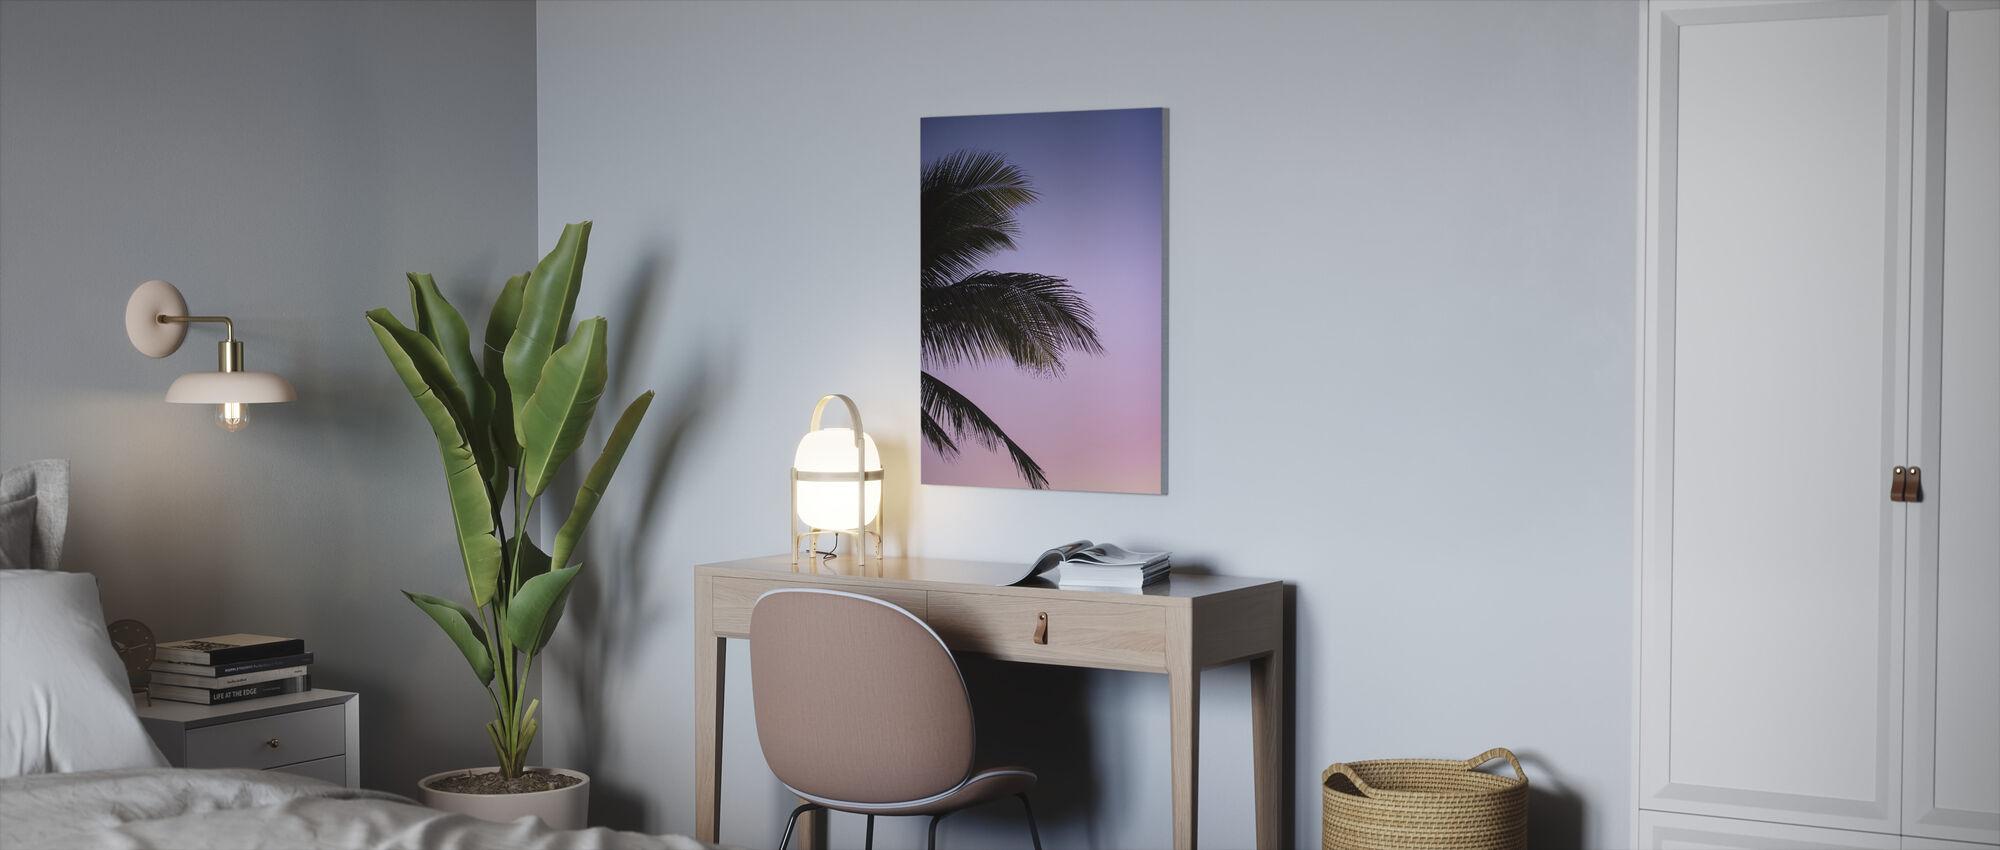 Palmu - Canvastaulu - Toimisto